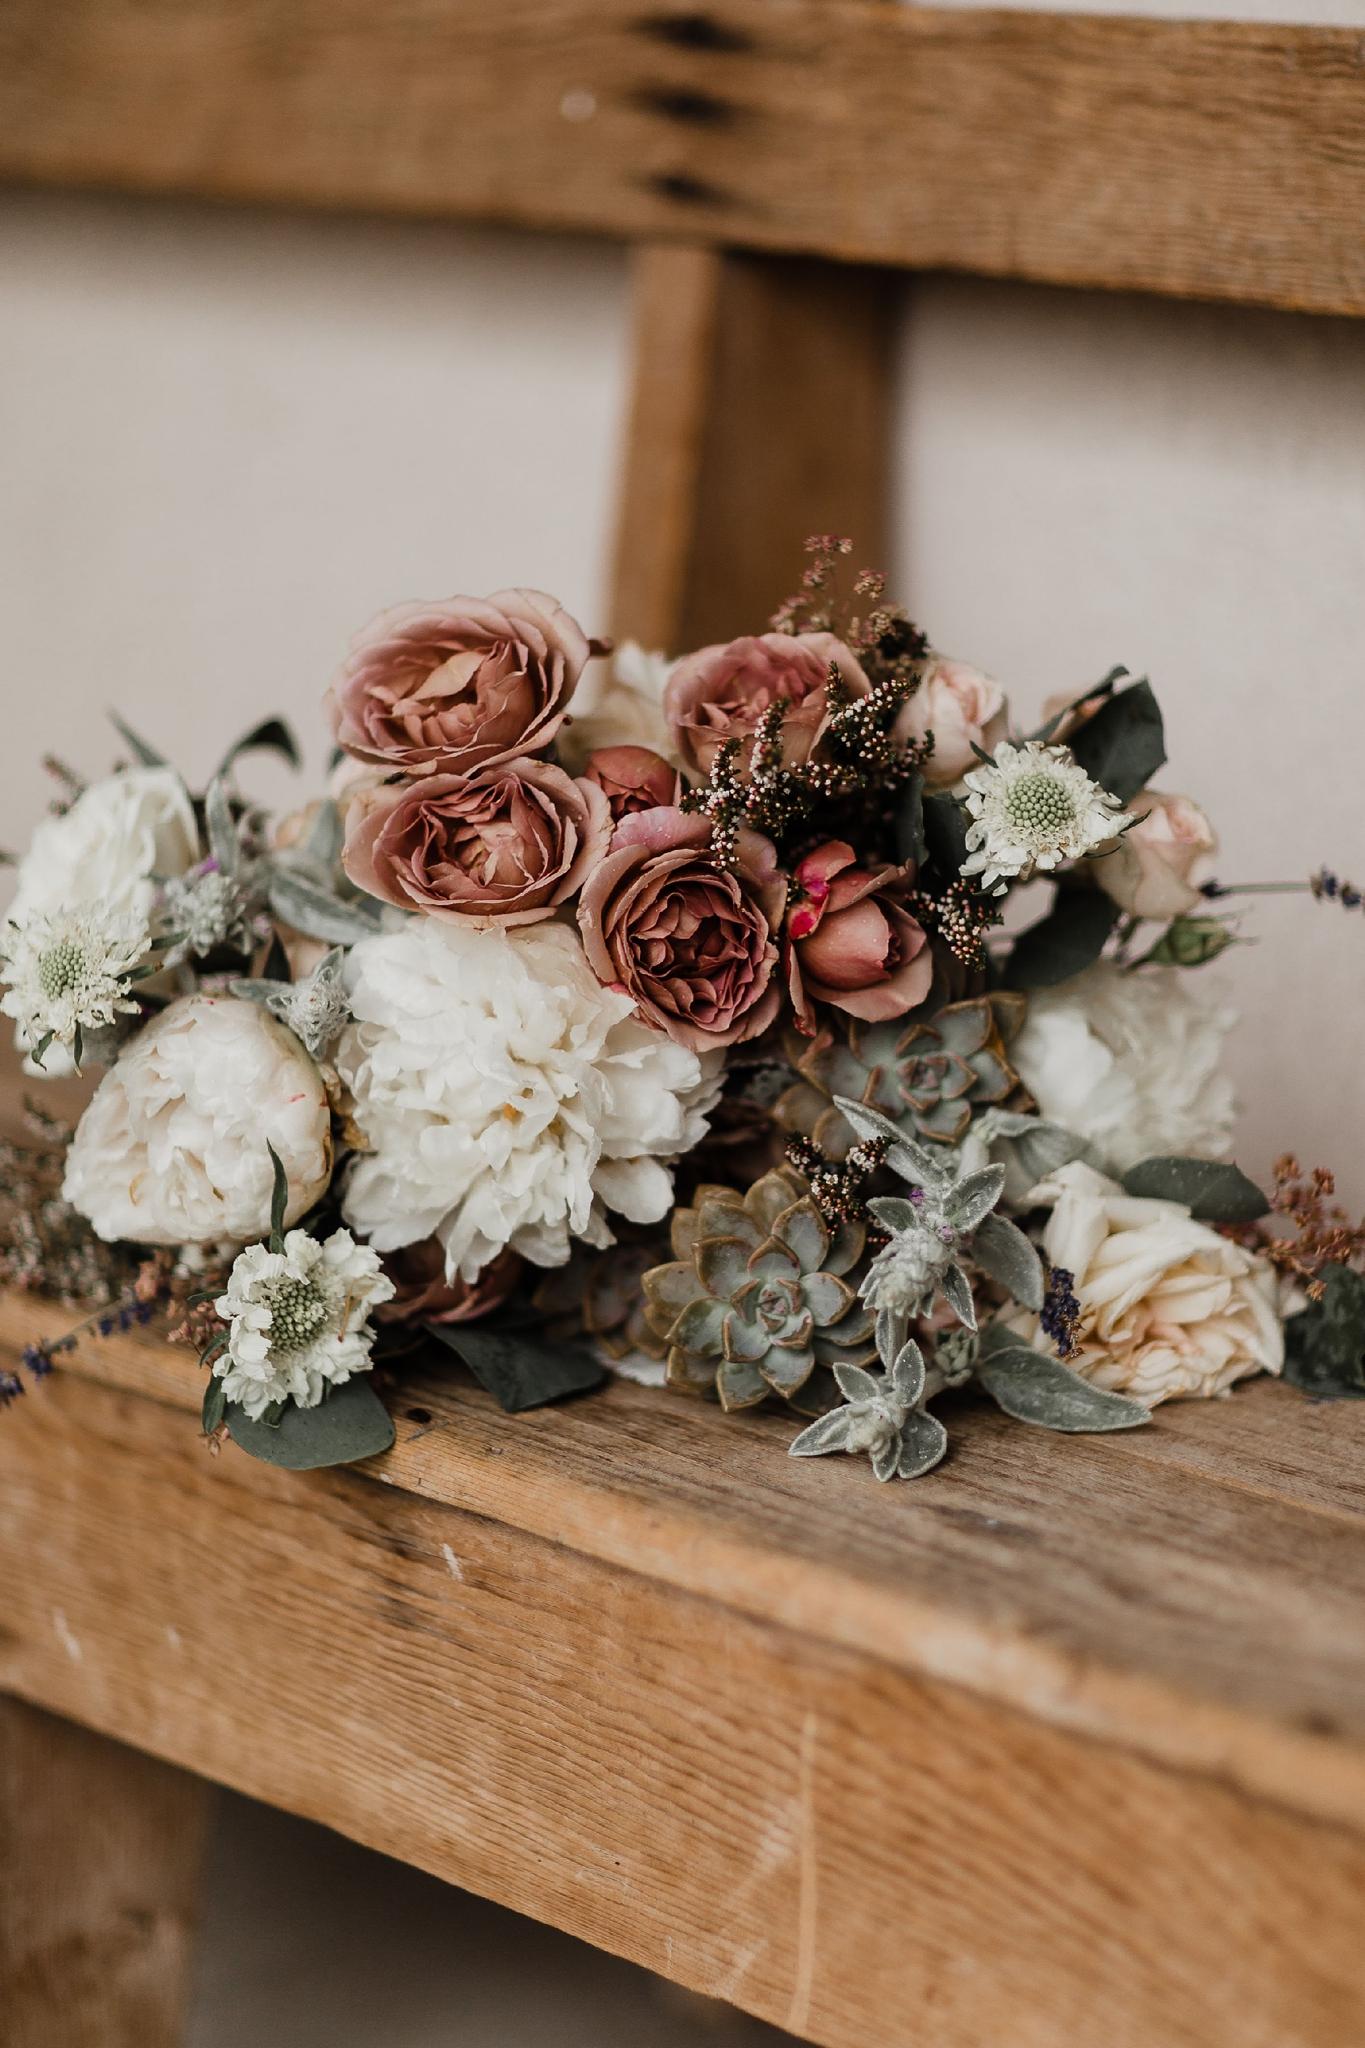 Alicia+lucia+photography+-+albuquerque+wedding+photographer+-+santa+fe+wedding+photography+-+new+mexico+wedding+photographer+-+new+mexico+wedding+-+summer+wedding+-+summer+wedding+florals+-+southwest+wedding_0057.jpg